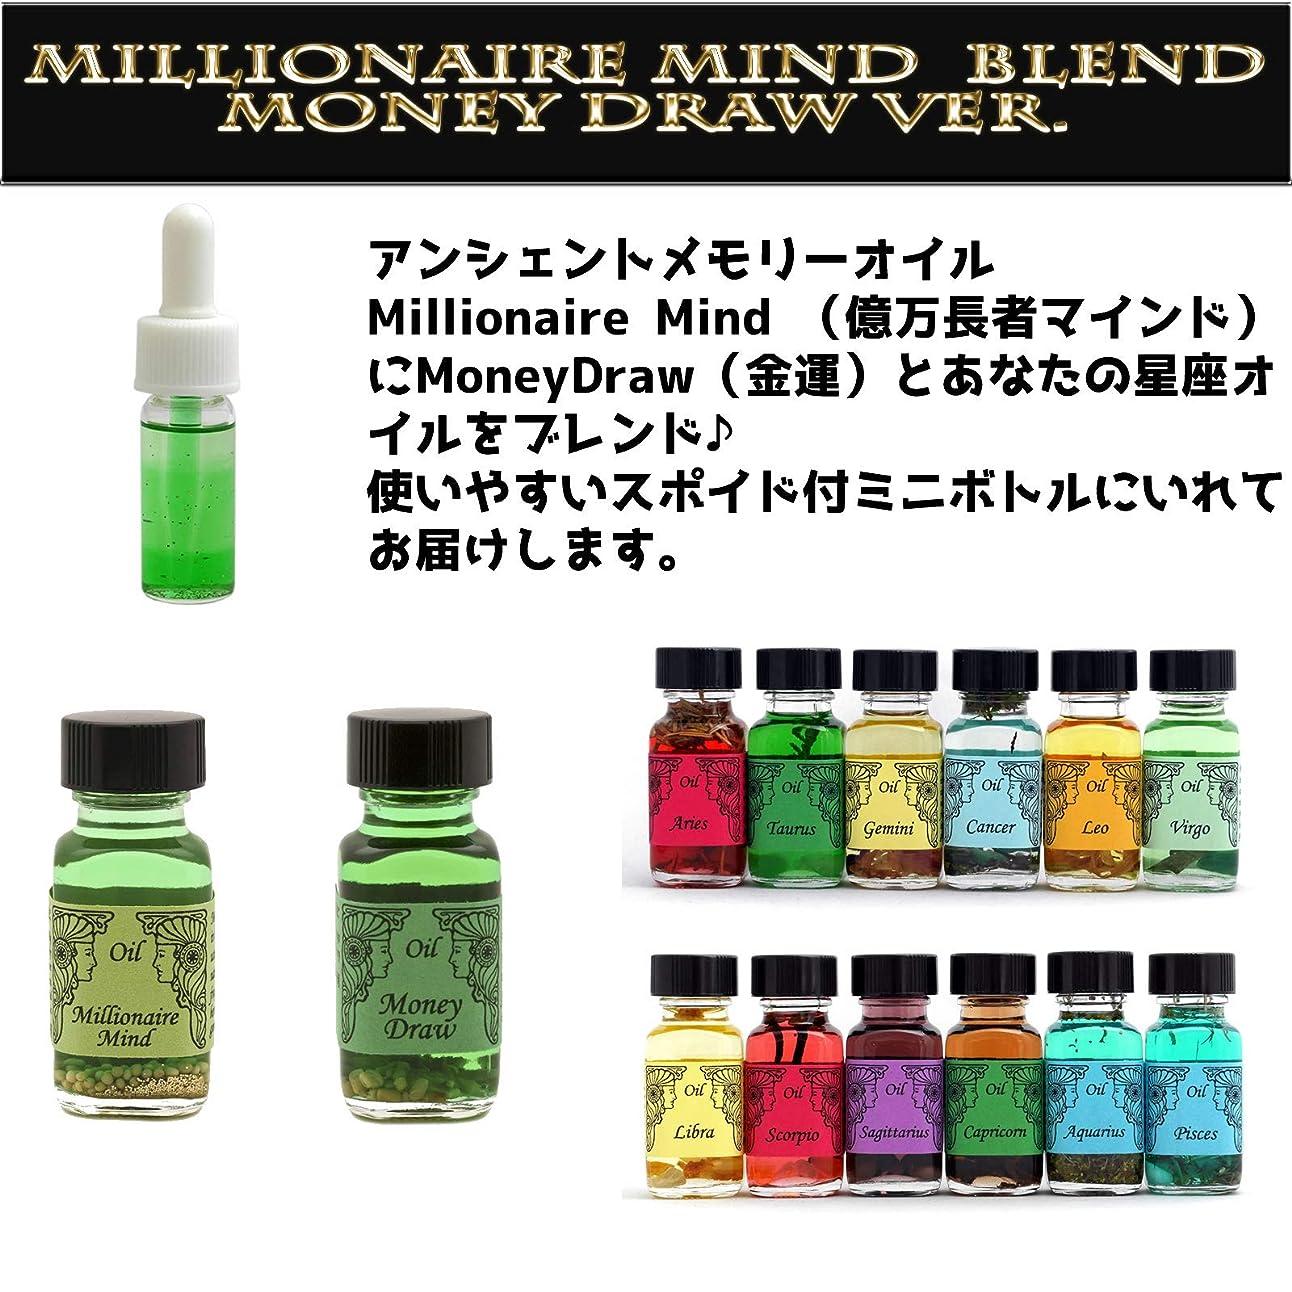 悪性腫瘍見ました君主制アンシェントメモリーオイル Millionaire Mind 億万長者マインド ブレンド(Money Drawマネードロー(金運)&しし座